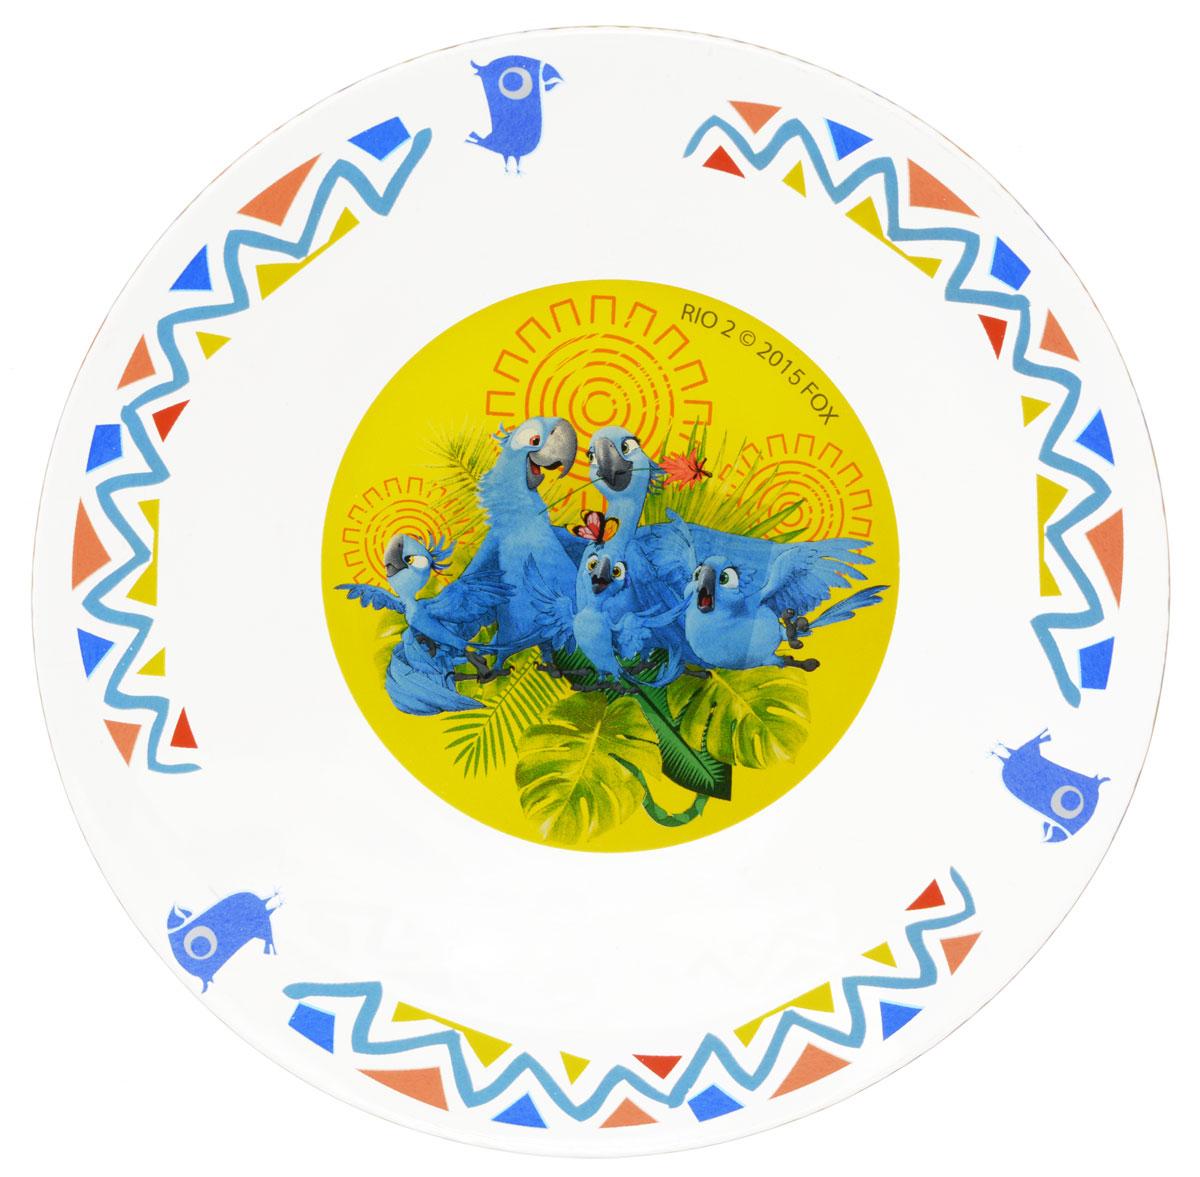 Рио Тарелка детская диаметр 19,5 см54 009312Яркая тарелка Рио идеально подойдет для кормления малыша и самостоятельного приема им пищи. Тарелка выполнена из стекла и оформлена высококачественным изображением героев мультфильма Рио-2.Такой подарок станет не только приятным, но и практичным сувениром, добавит ярких эмоций вашему ребенку! Не подходит для использования в посудомоечной машине.